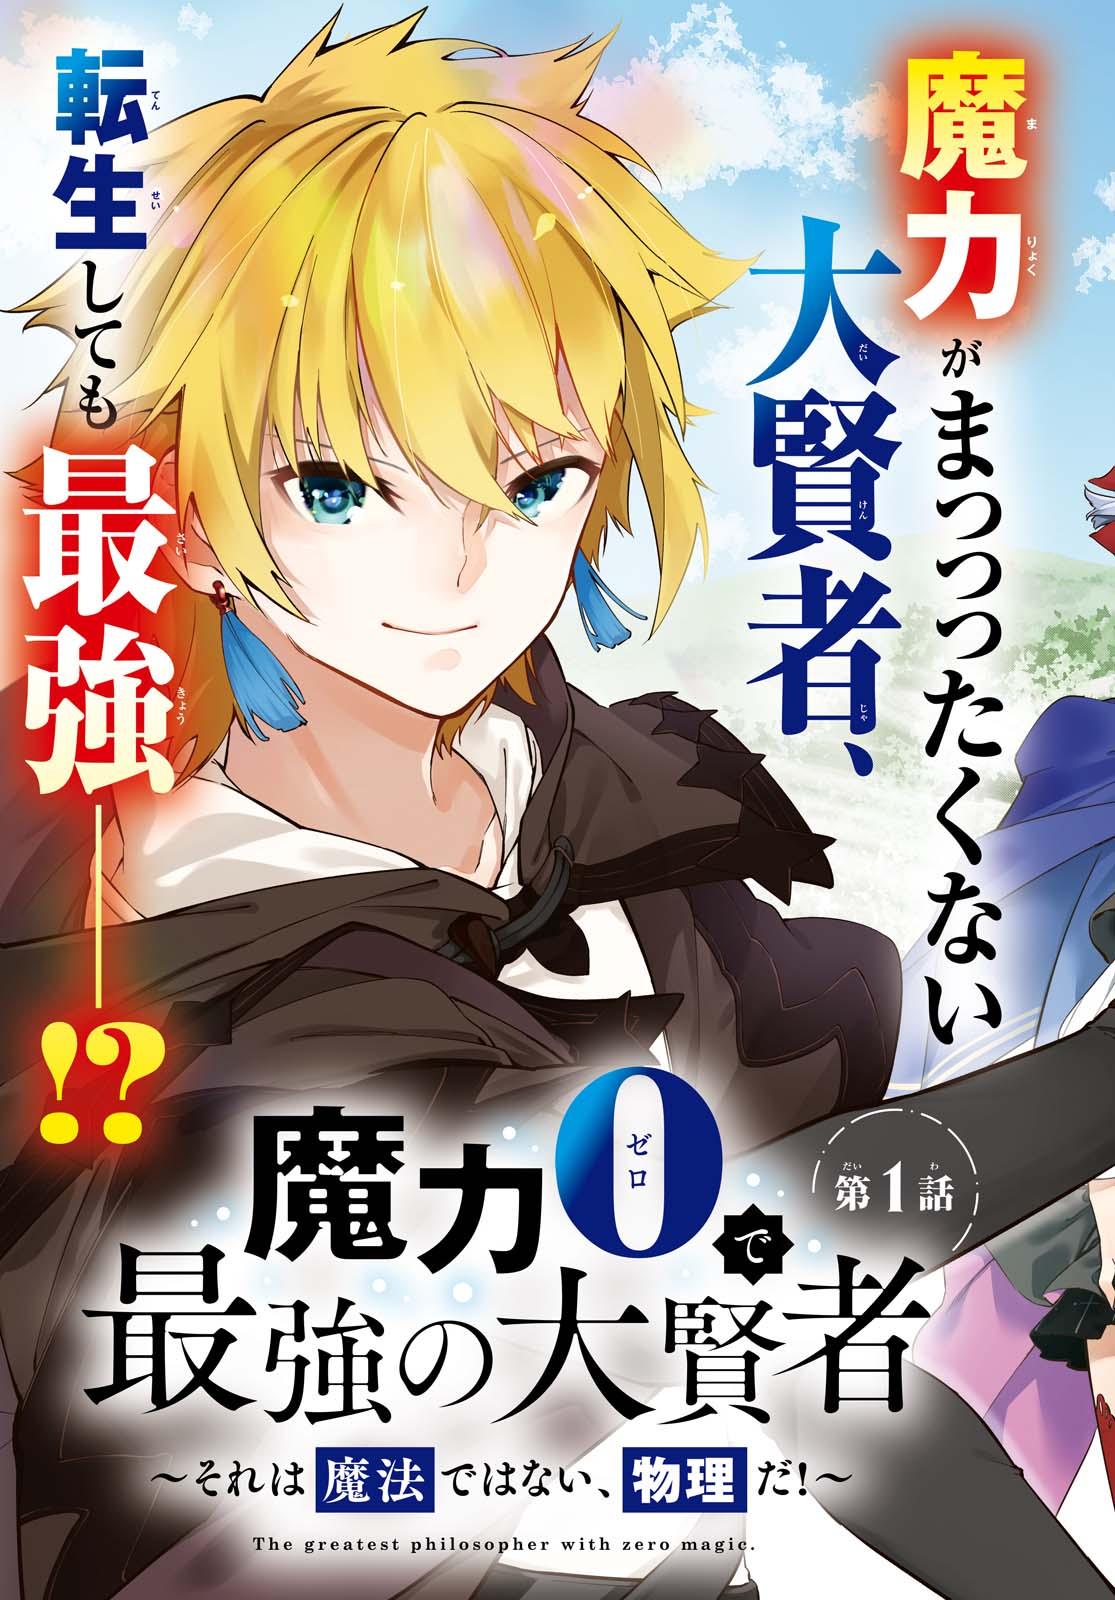 Maryoku 0 de Saikyou no Daikenja ~Sore wa Mahou dewa Nai, Butsuri da!~